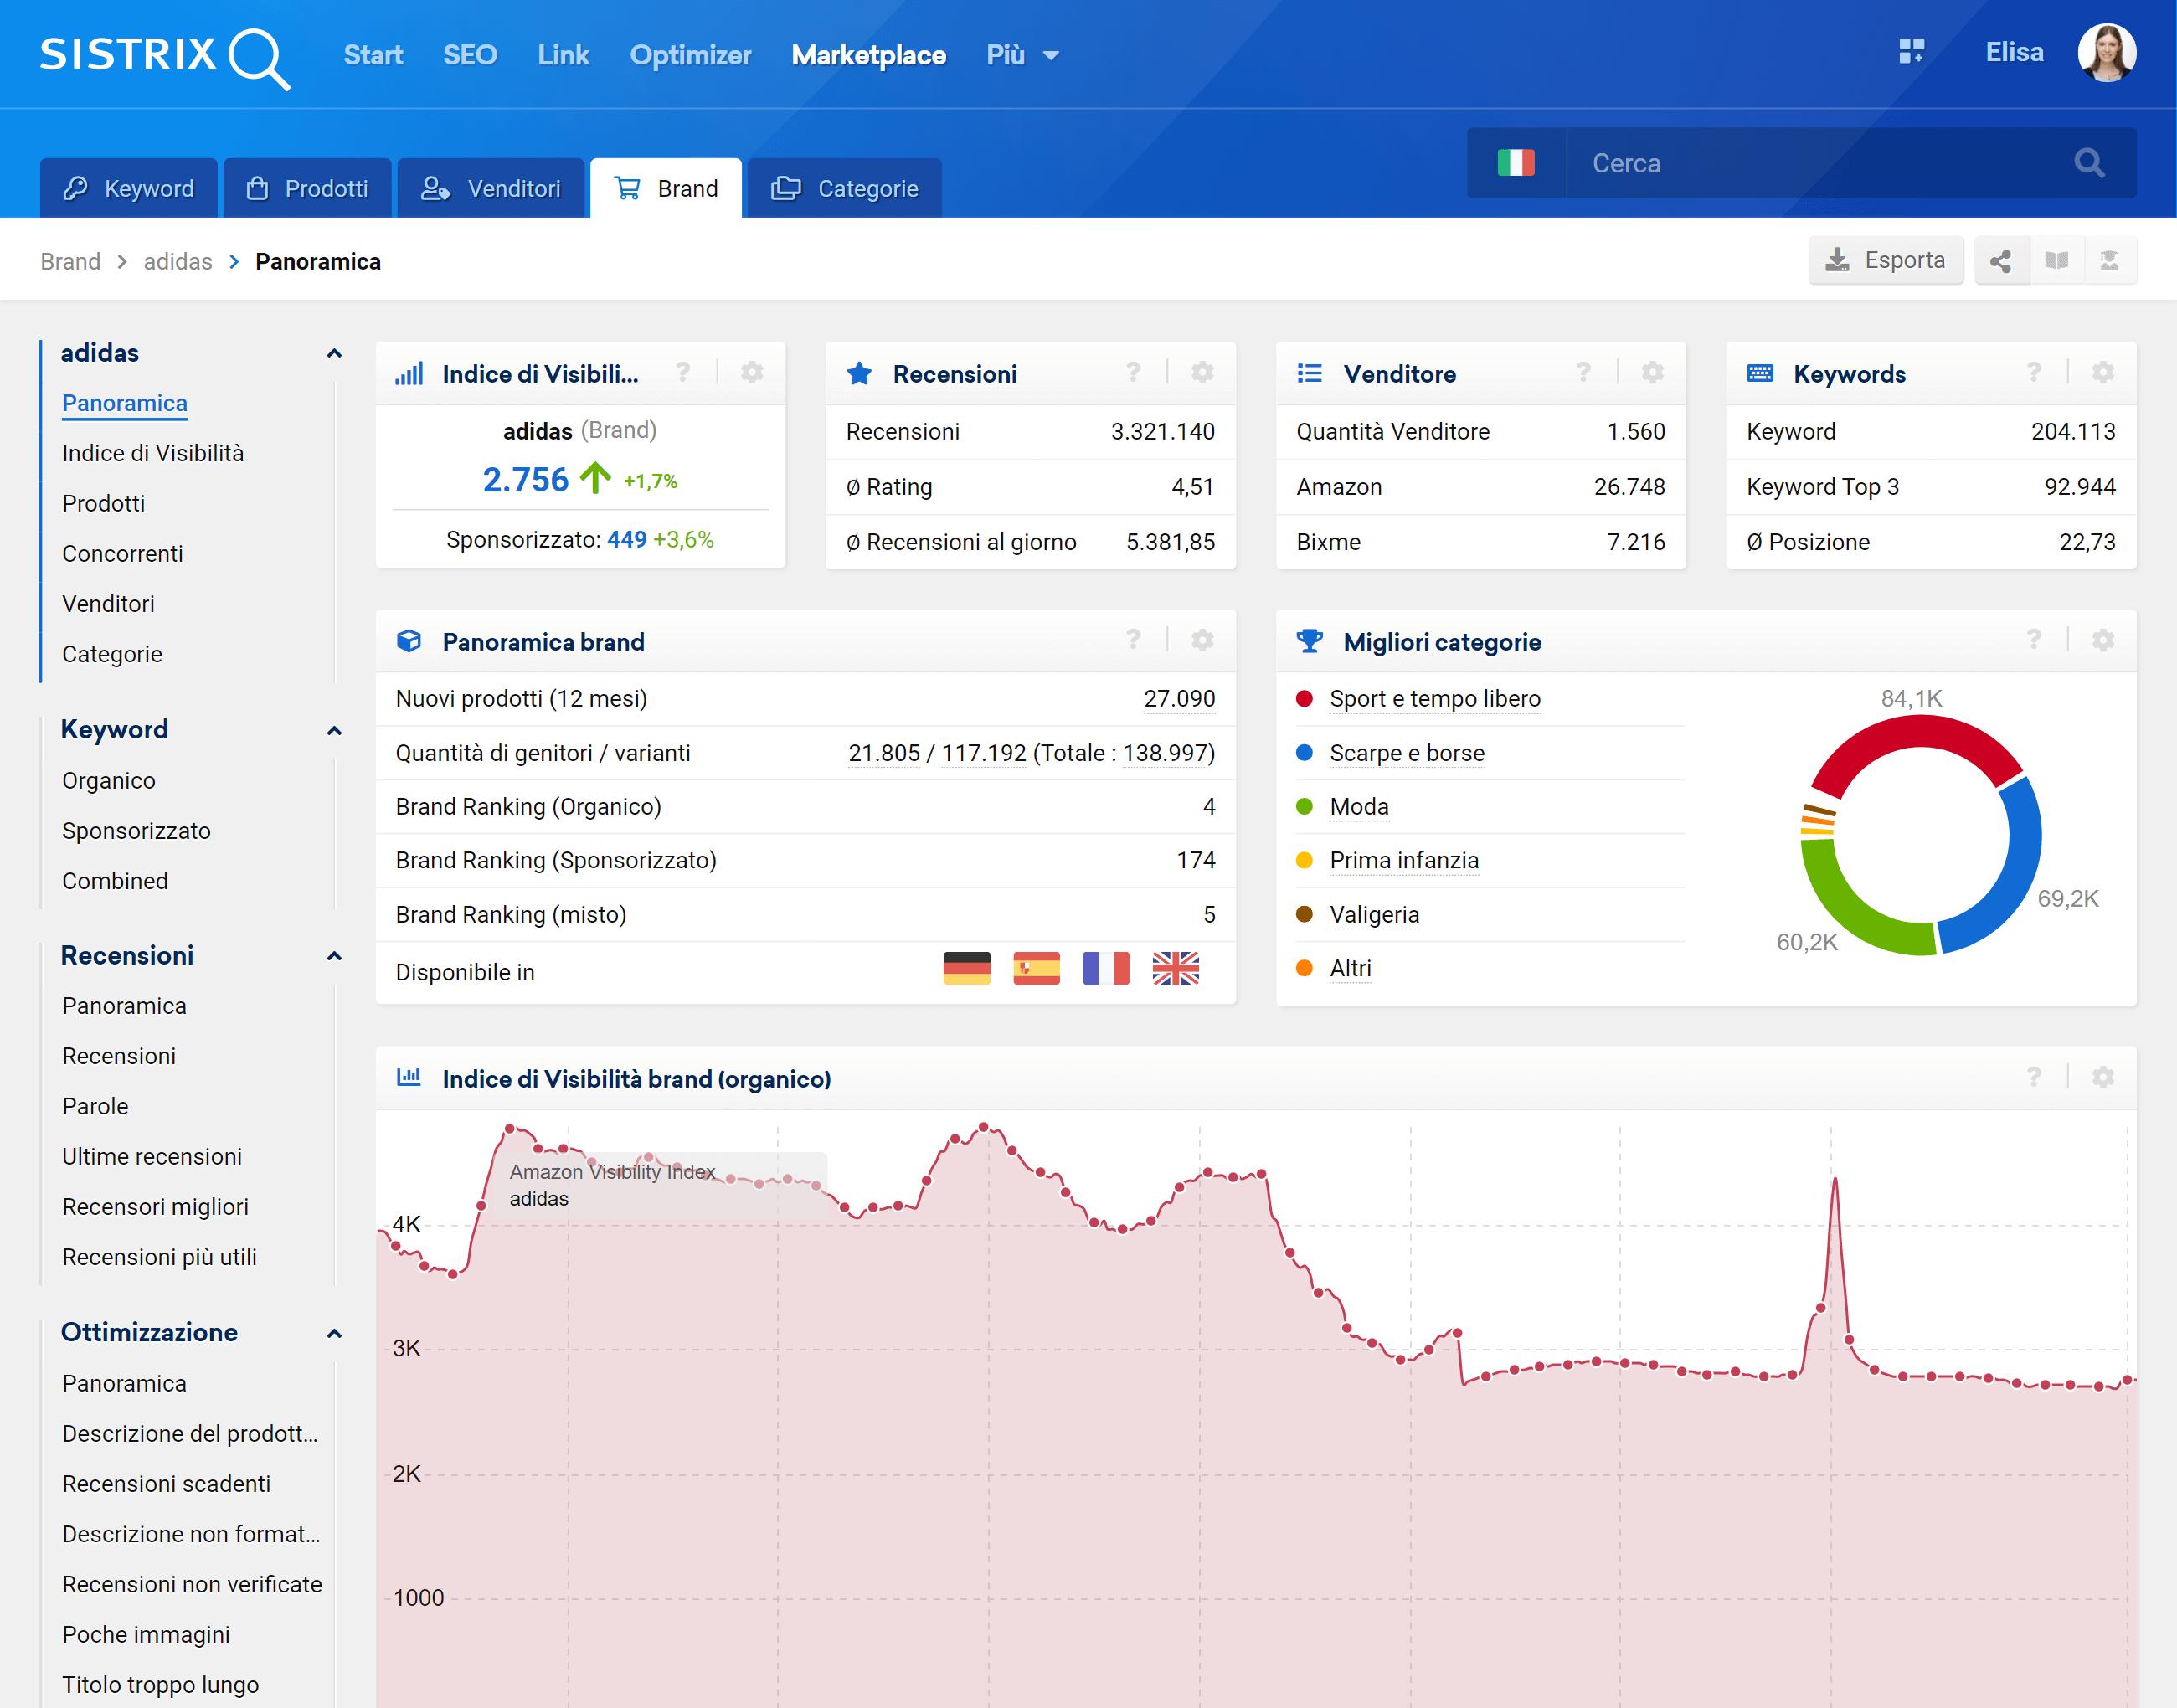 Modulo Marketplace di SISTRIX